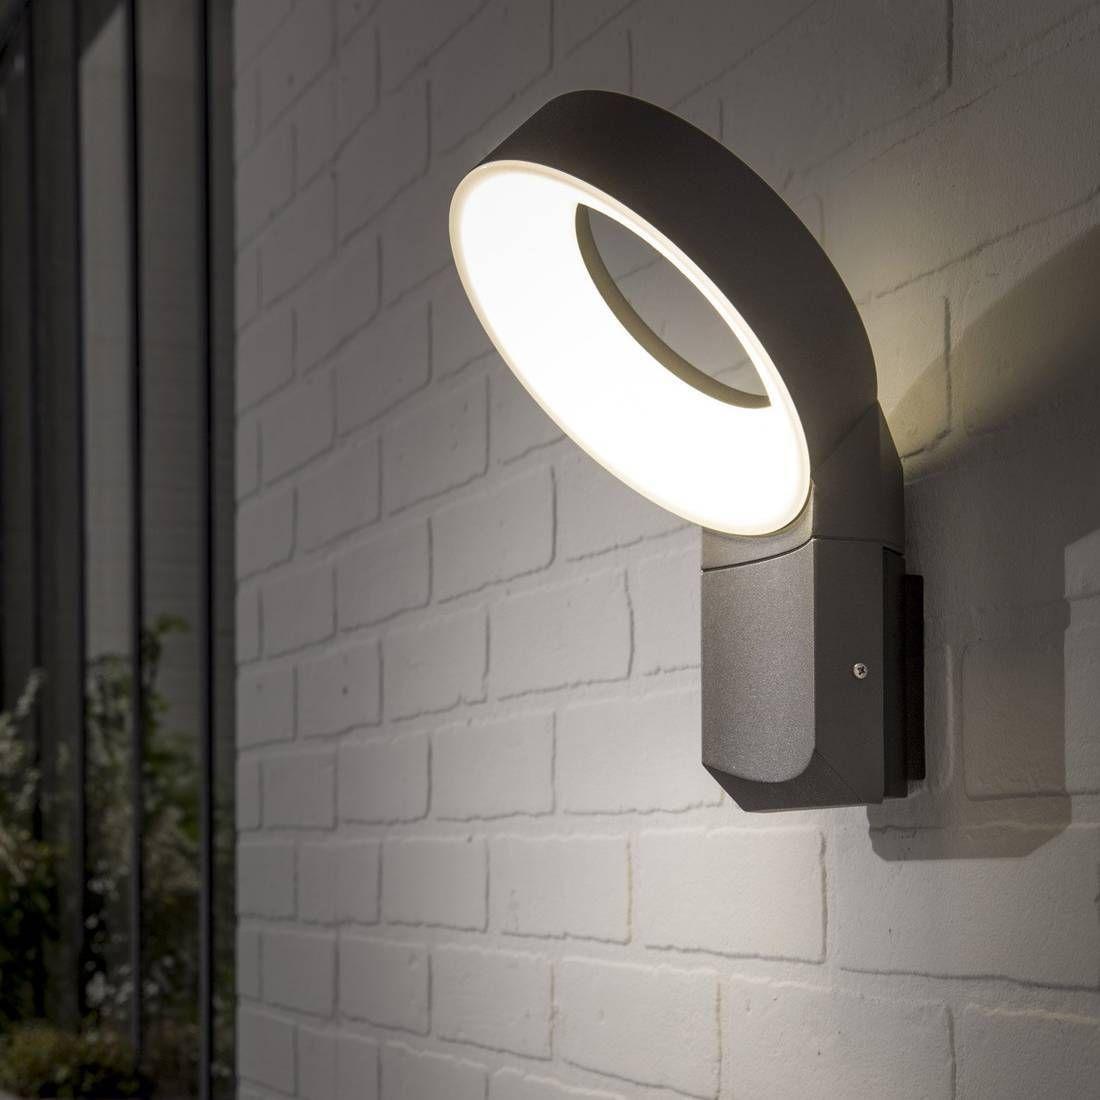 Applique D Exterieur Montante Led Aluminium Gris H35cm Lima Luminaire D Exterieur Inspire Design Lamp Eclairage Exterieur Eclairage Exterieur Led Luminaire